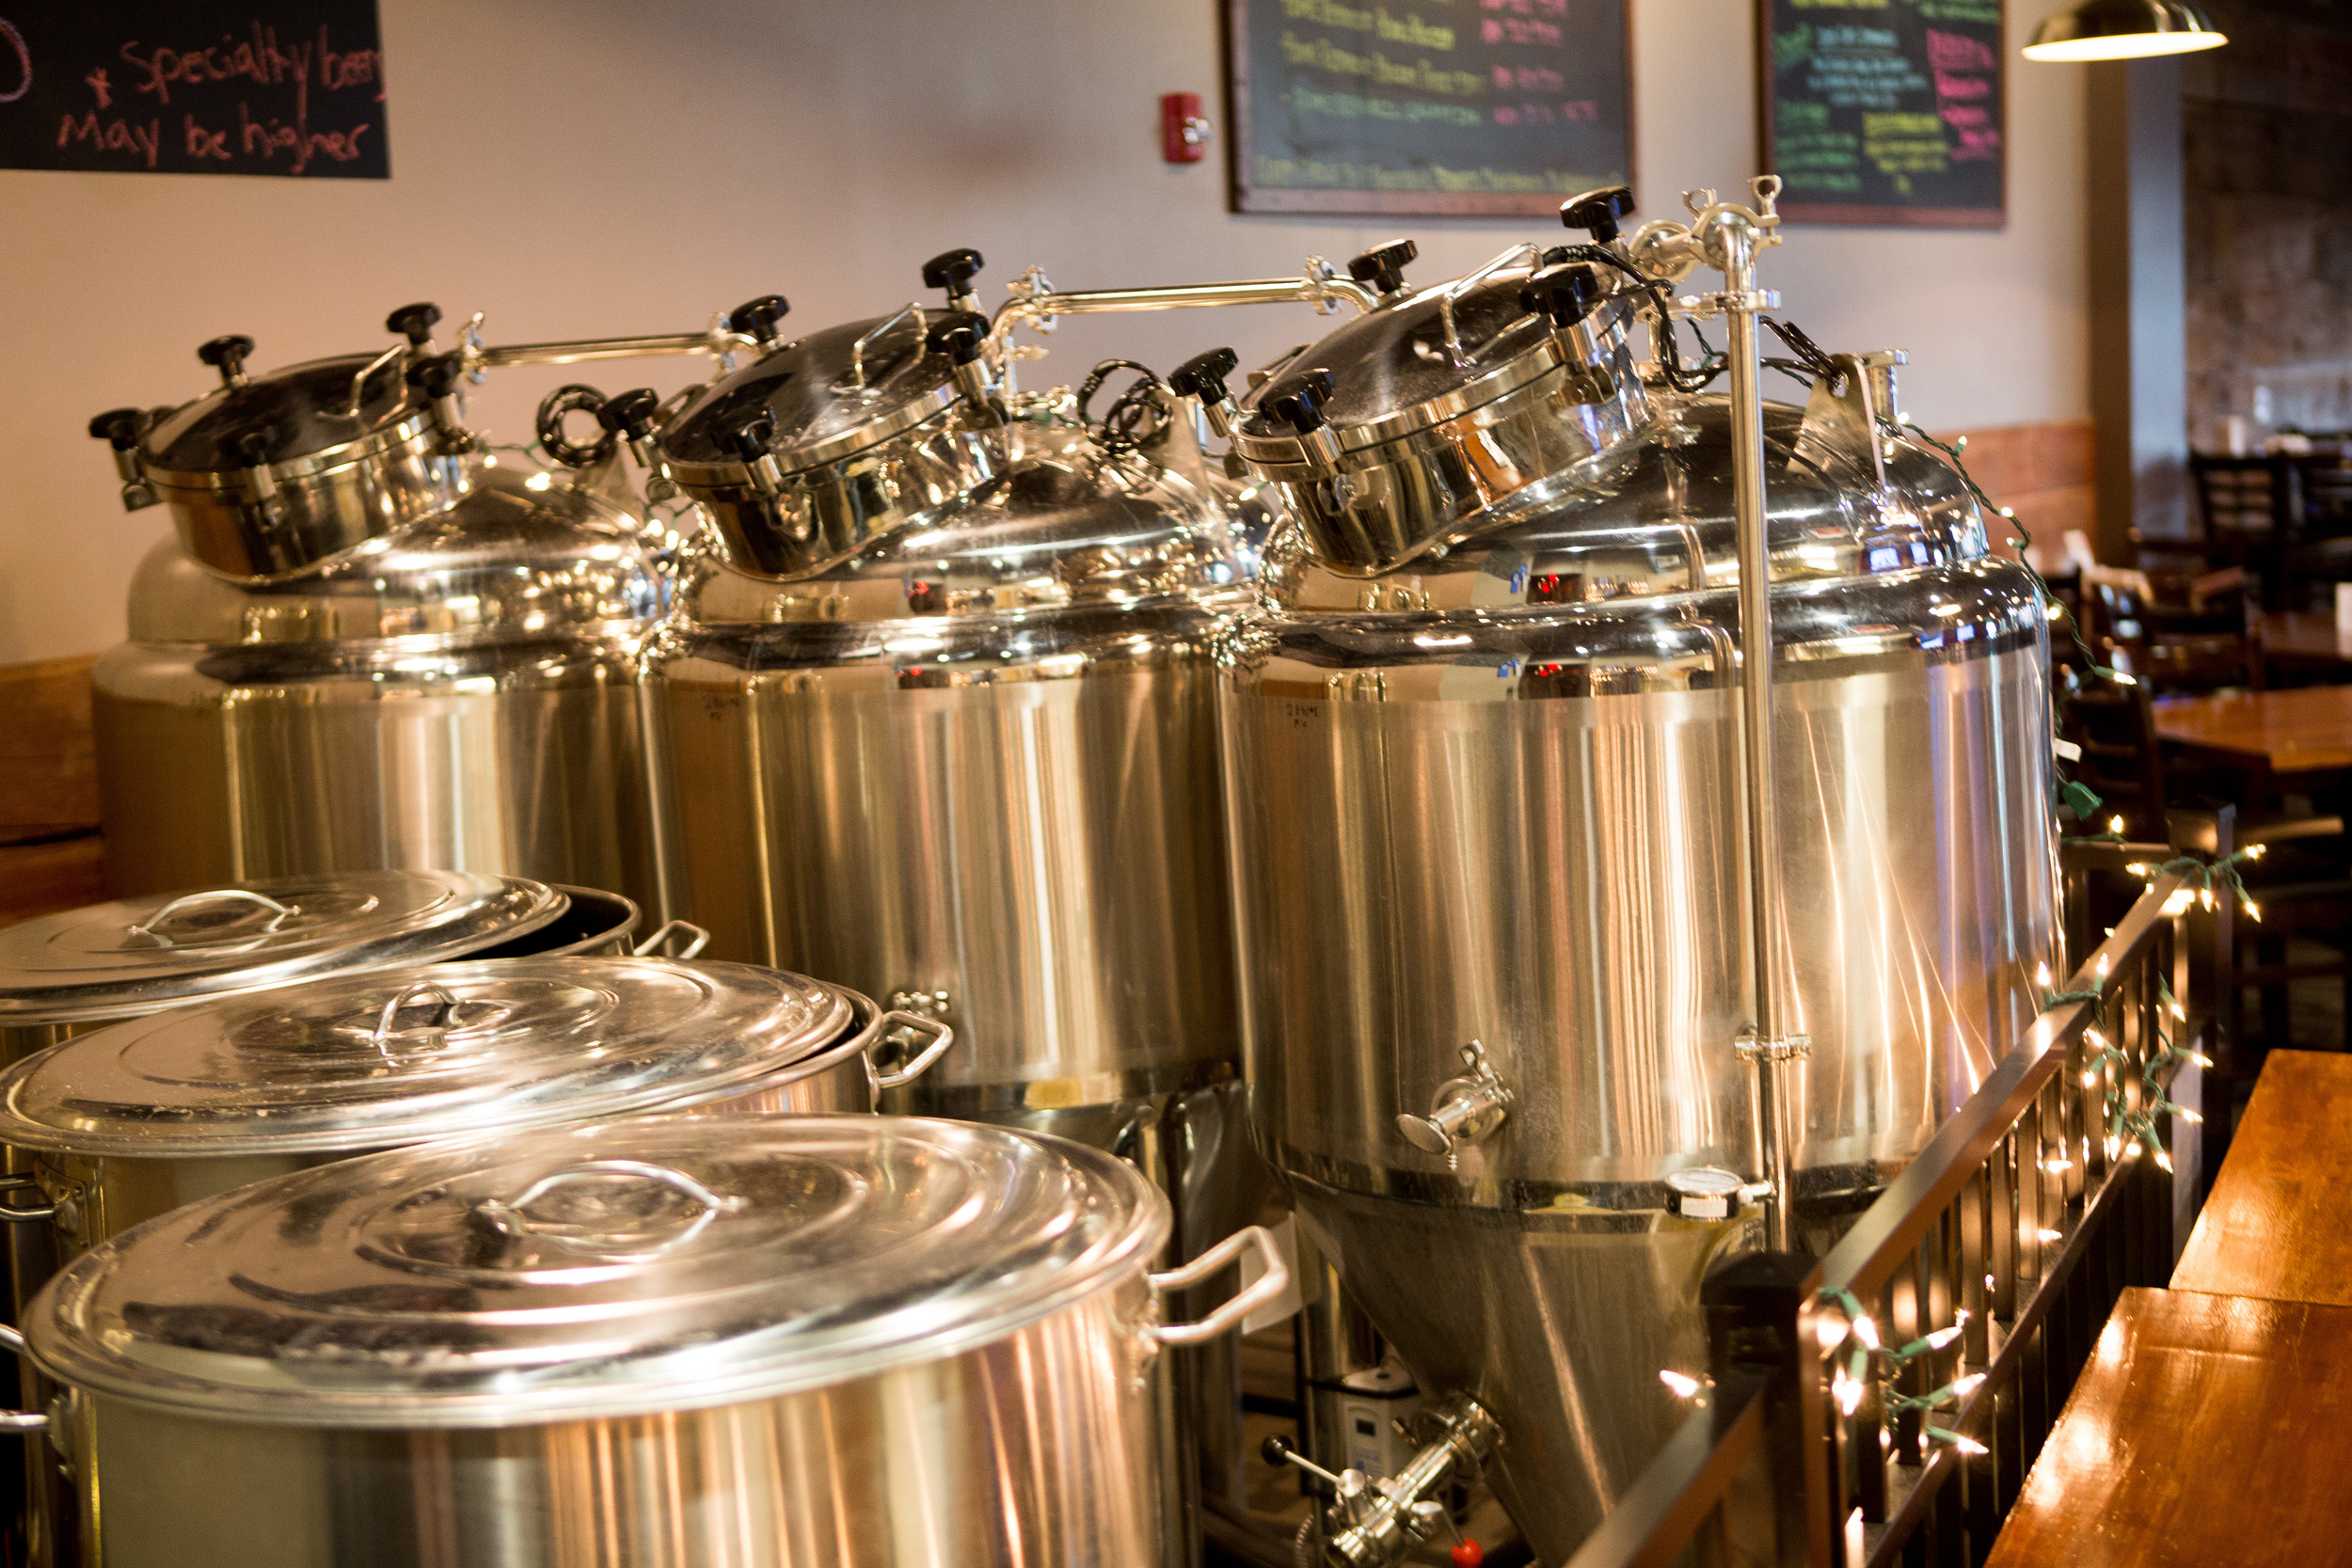 restaurant_beer tanks.jpg